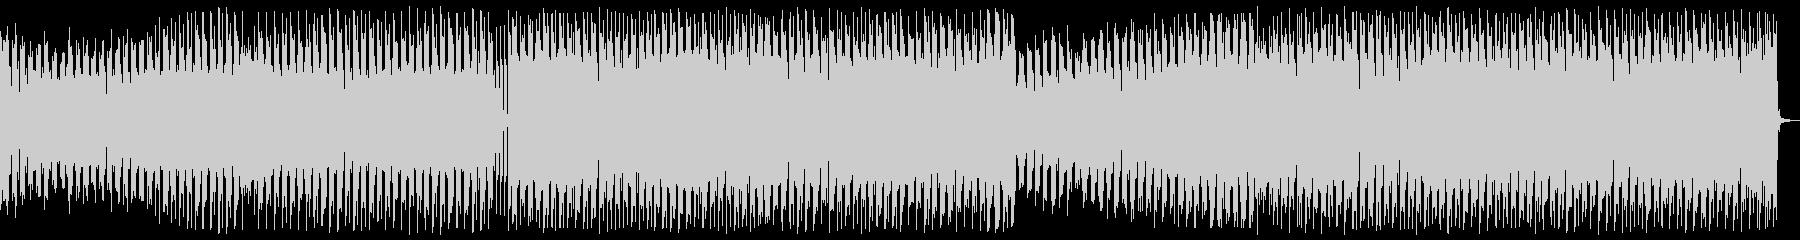 キラキラしたエレクトロ_No645_1の未再生の波形